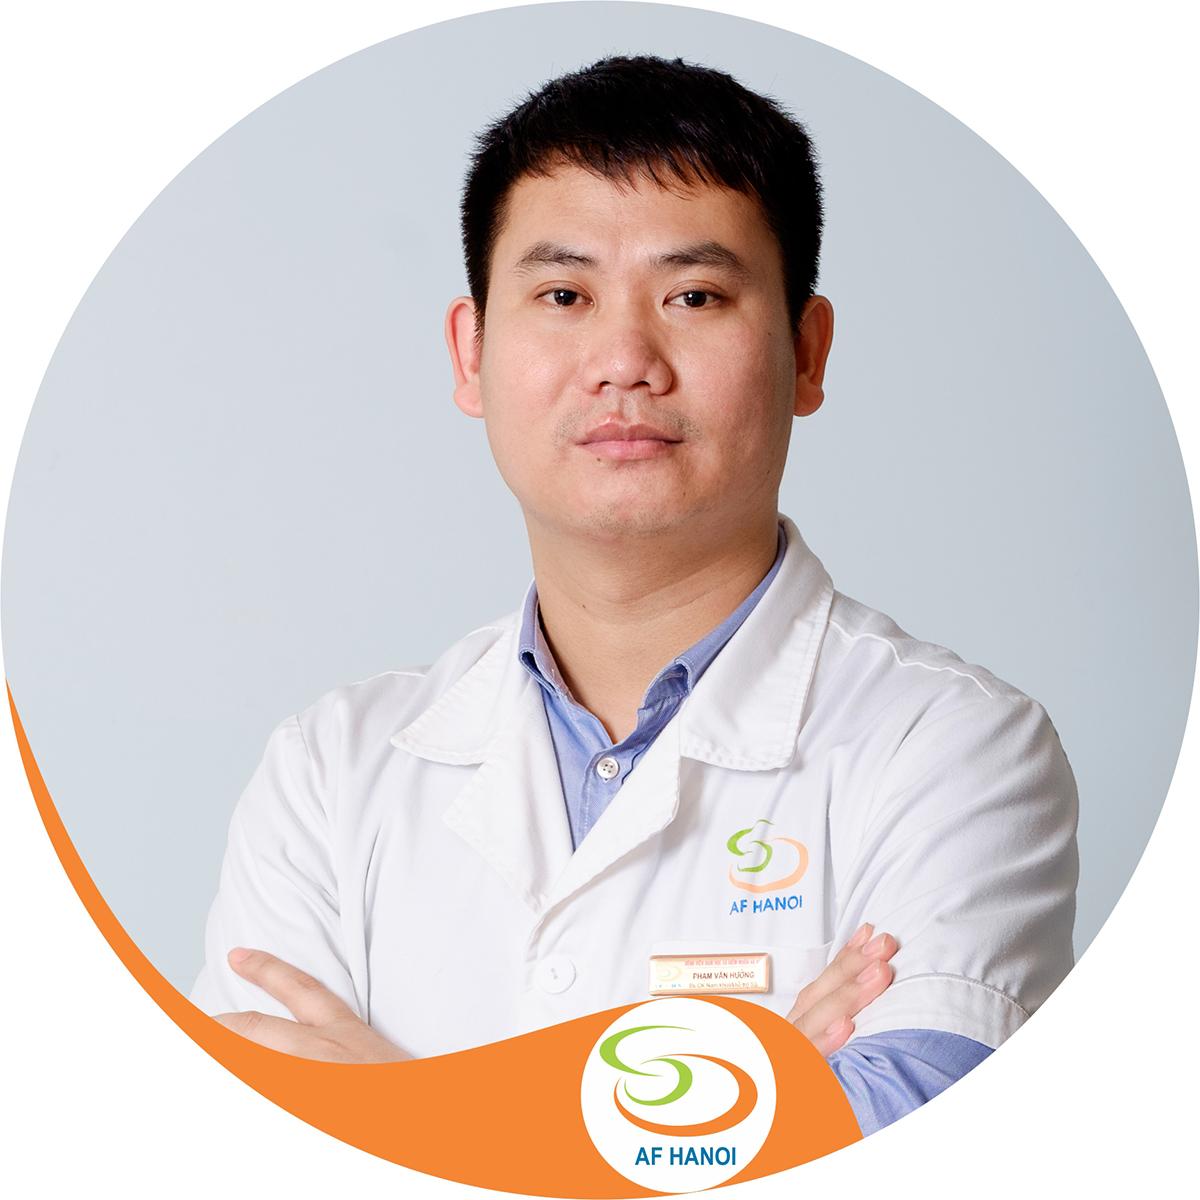 Bs Phạm Văn Hưởng - Trưởng khoa Khám bệnh